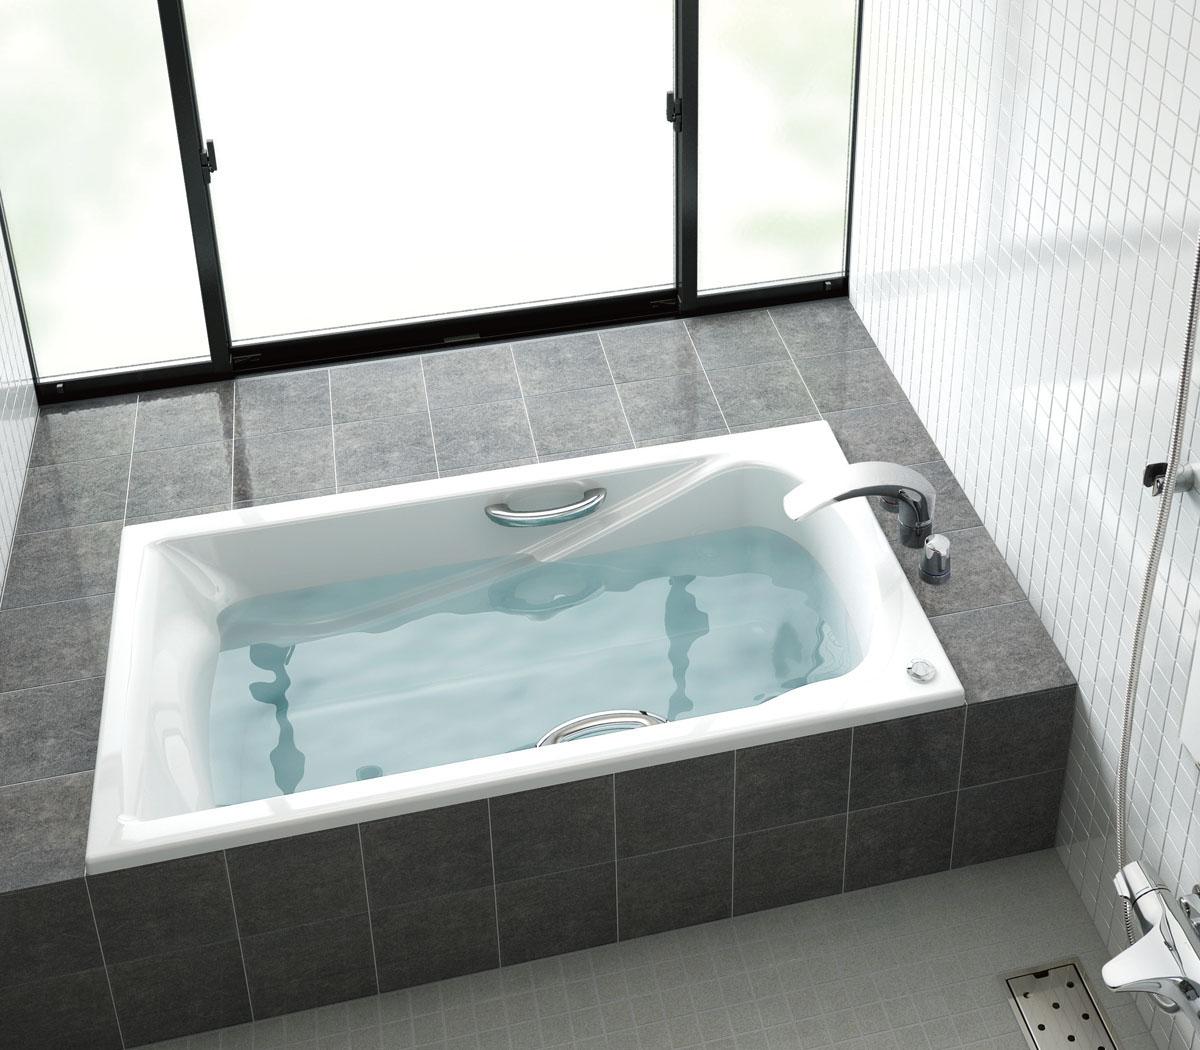 LIXIL INAX 浴槽 グランザシリーズ(標準仕様) 1400サイズ TBN-1400HPR TBN-1400HPL